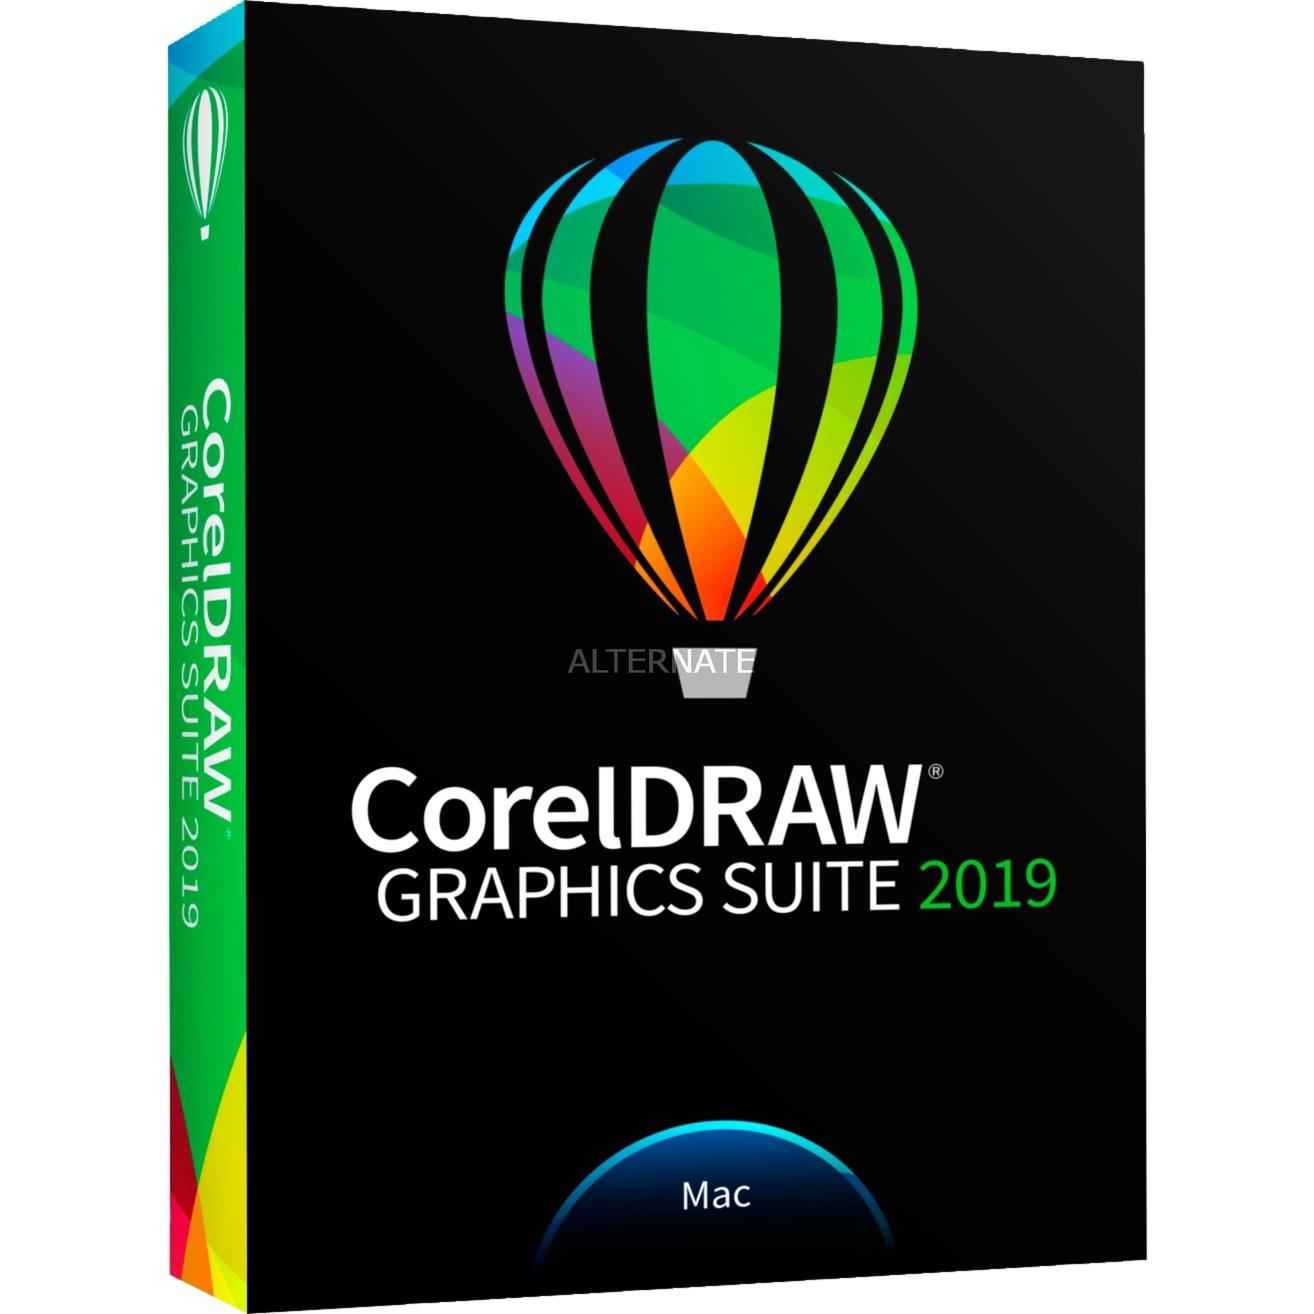 CorelDRAW Graphics Suite 2019, Software